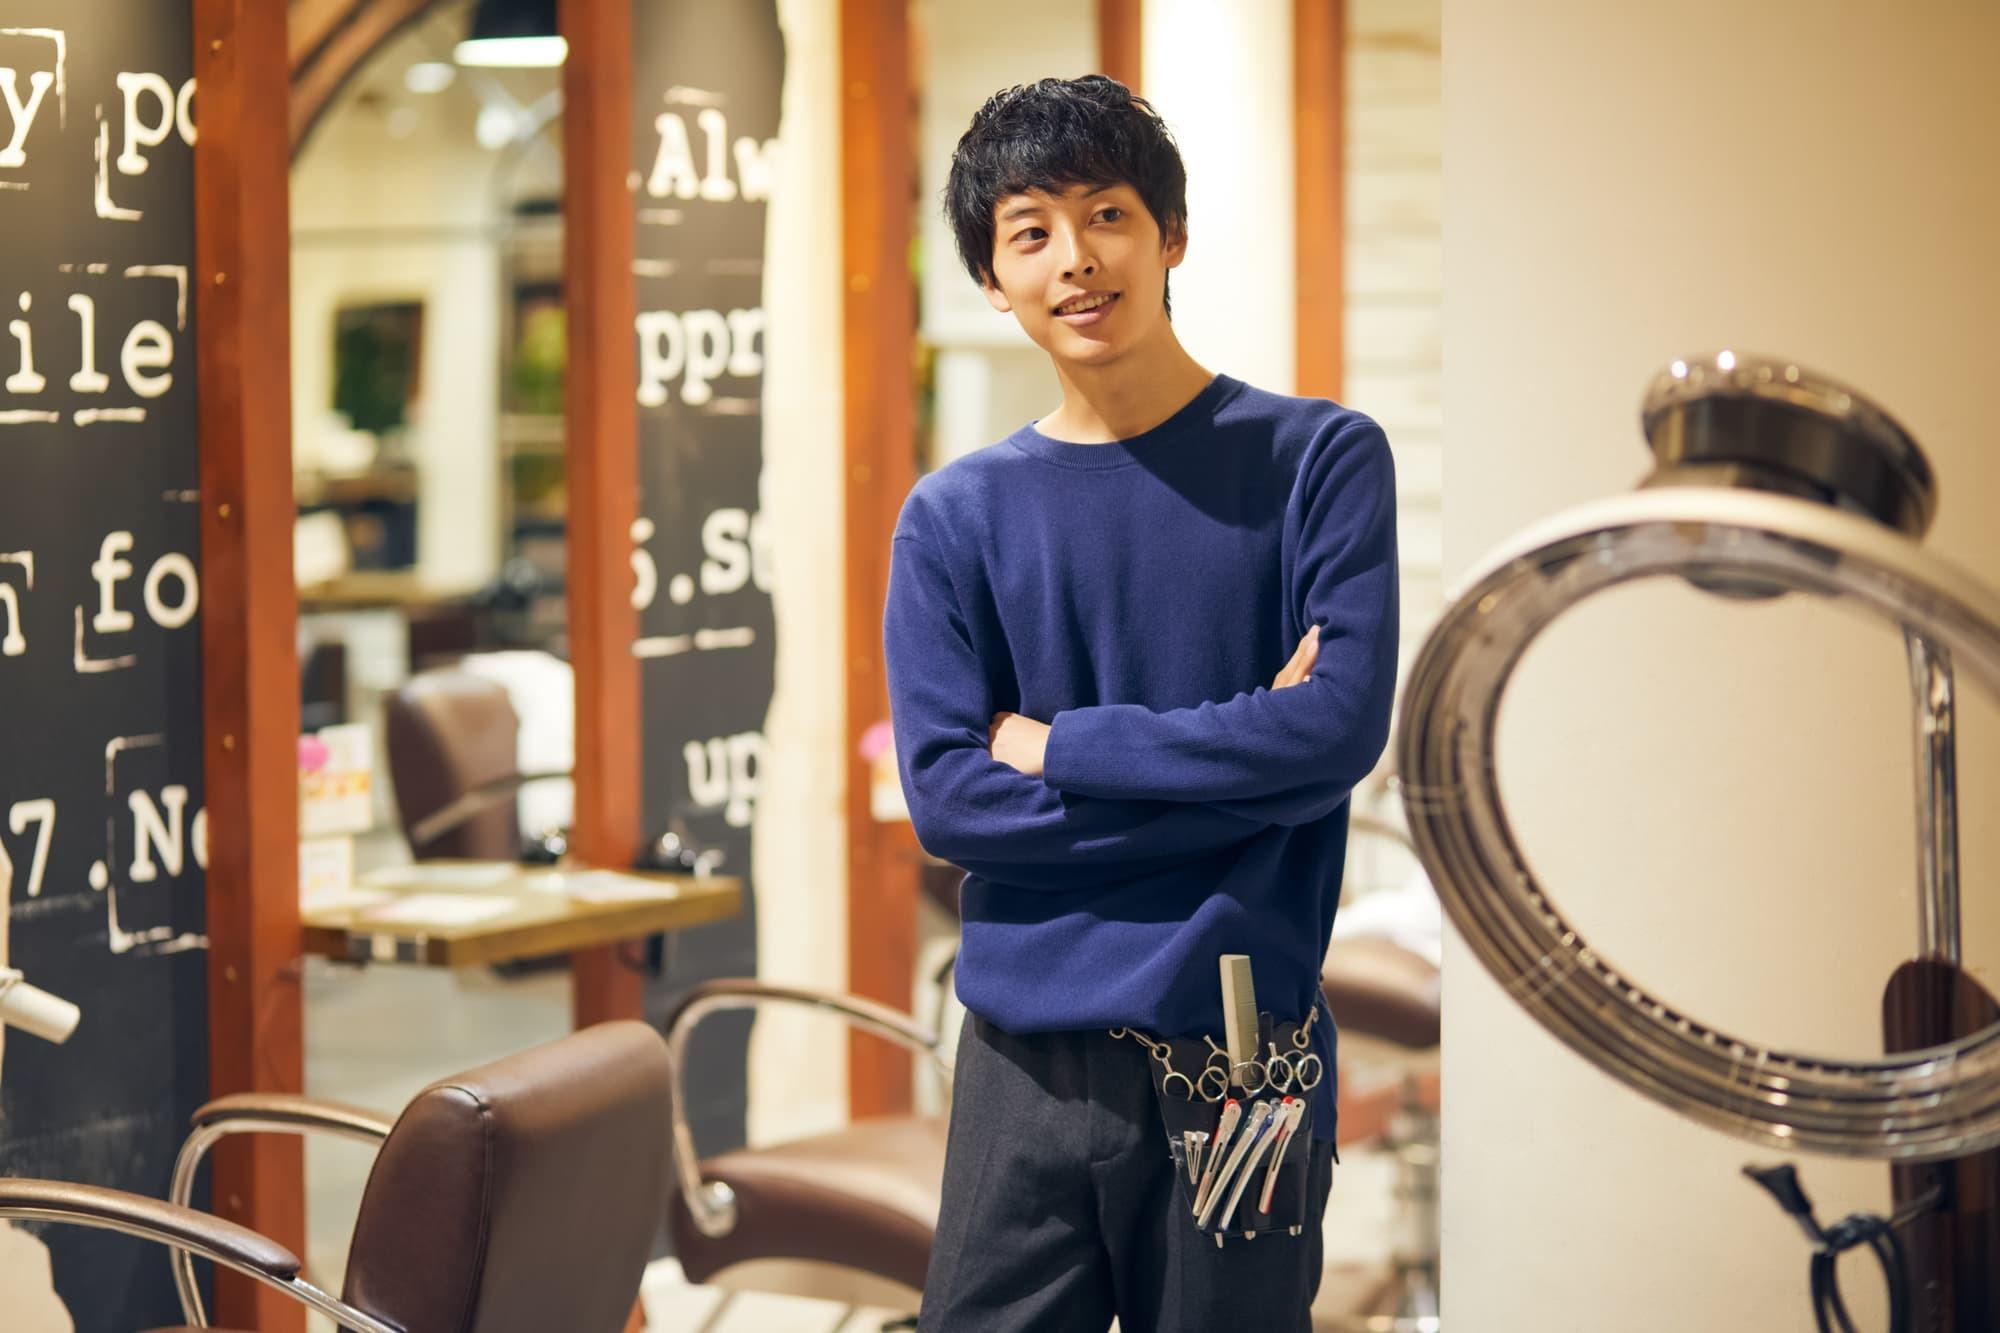 美容師の年収は376万円、ボーナスは0.02ヶ月分